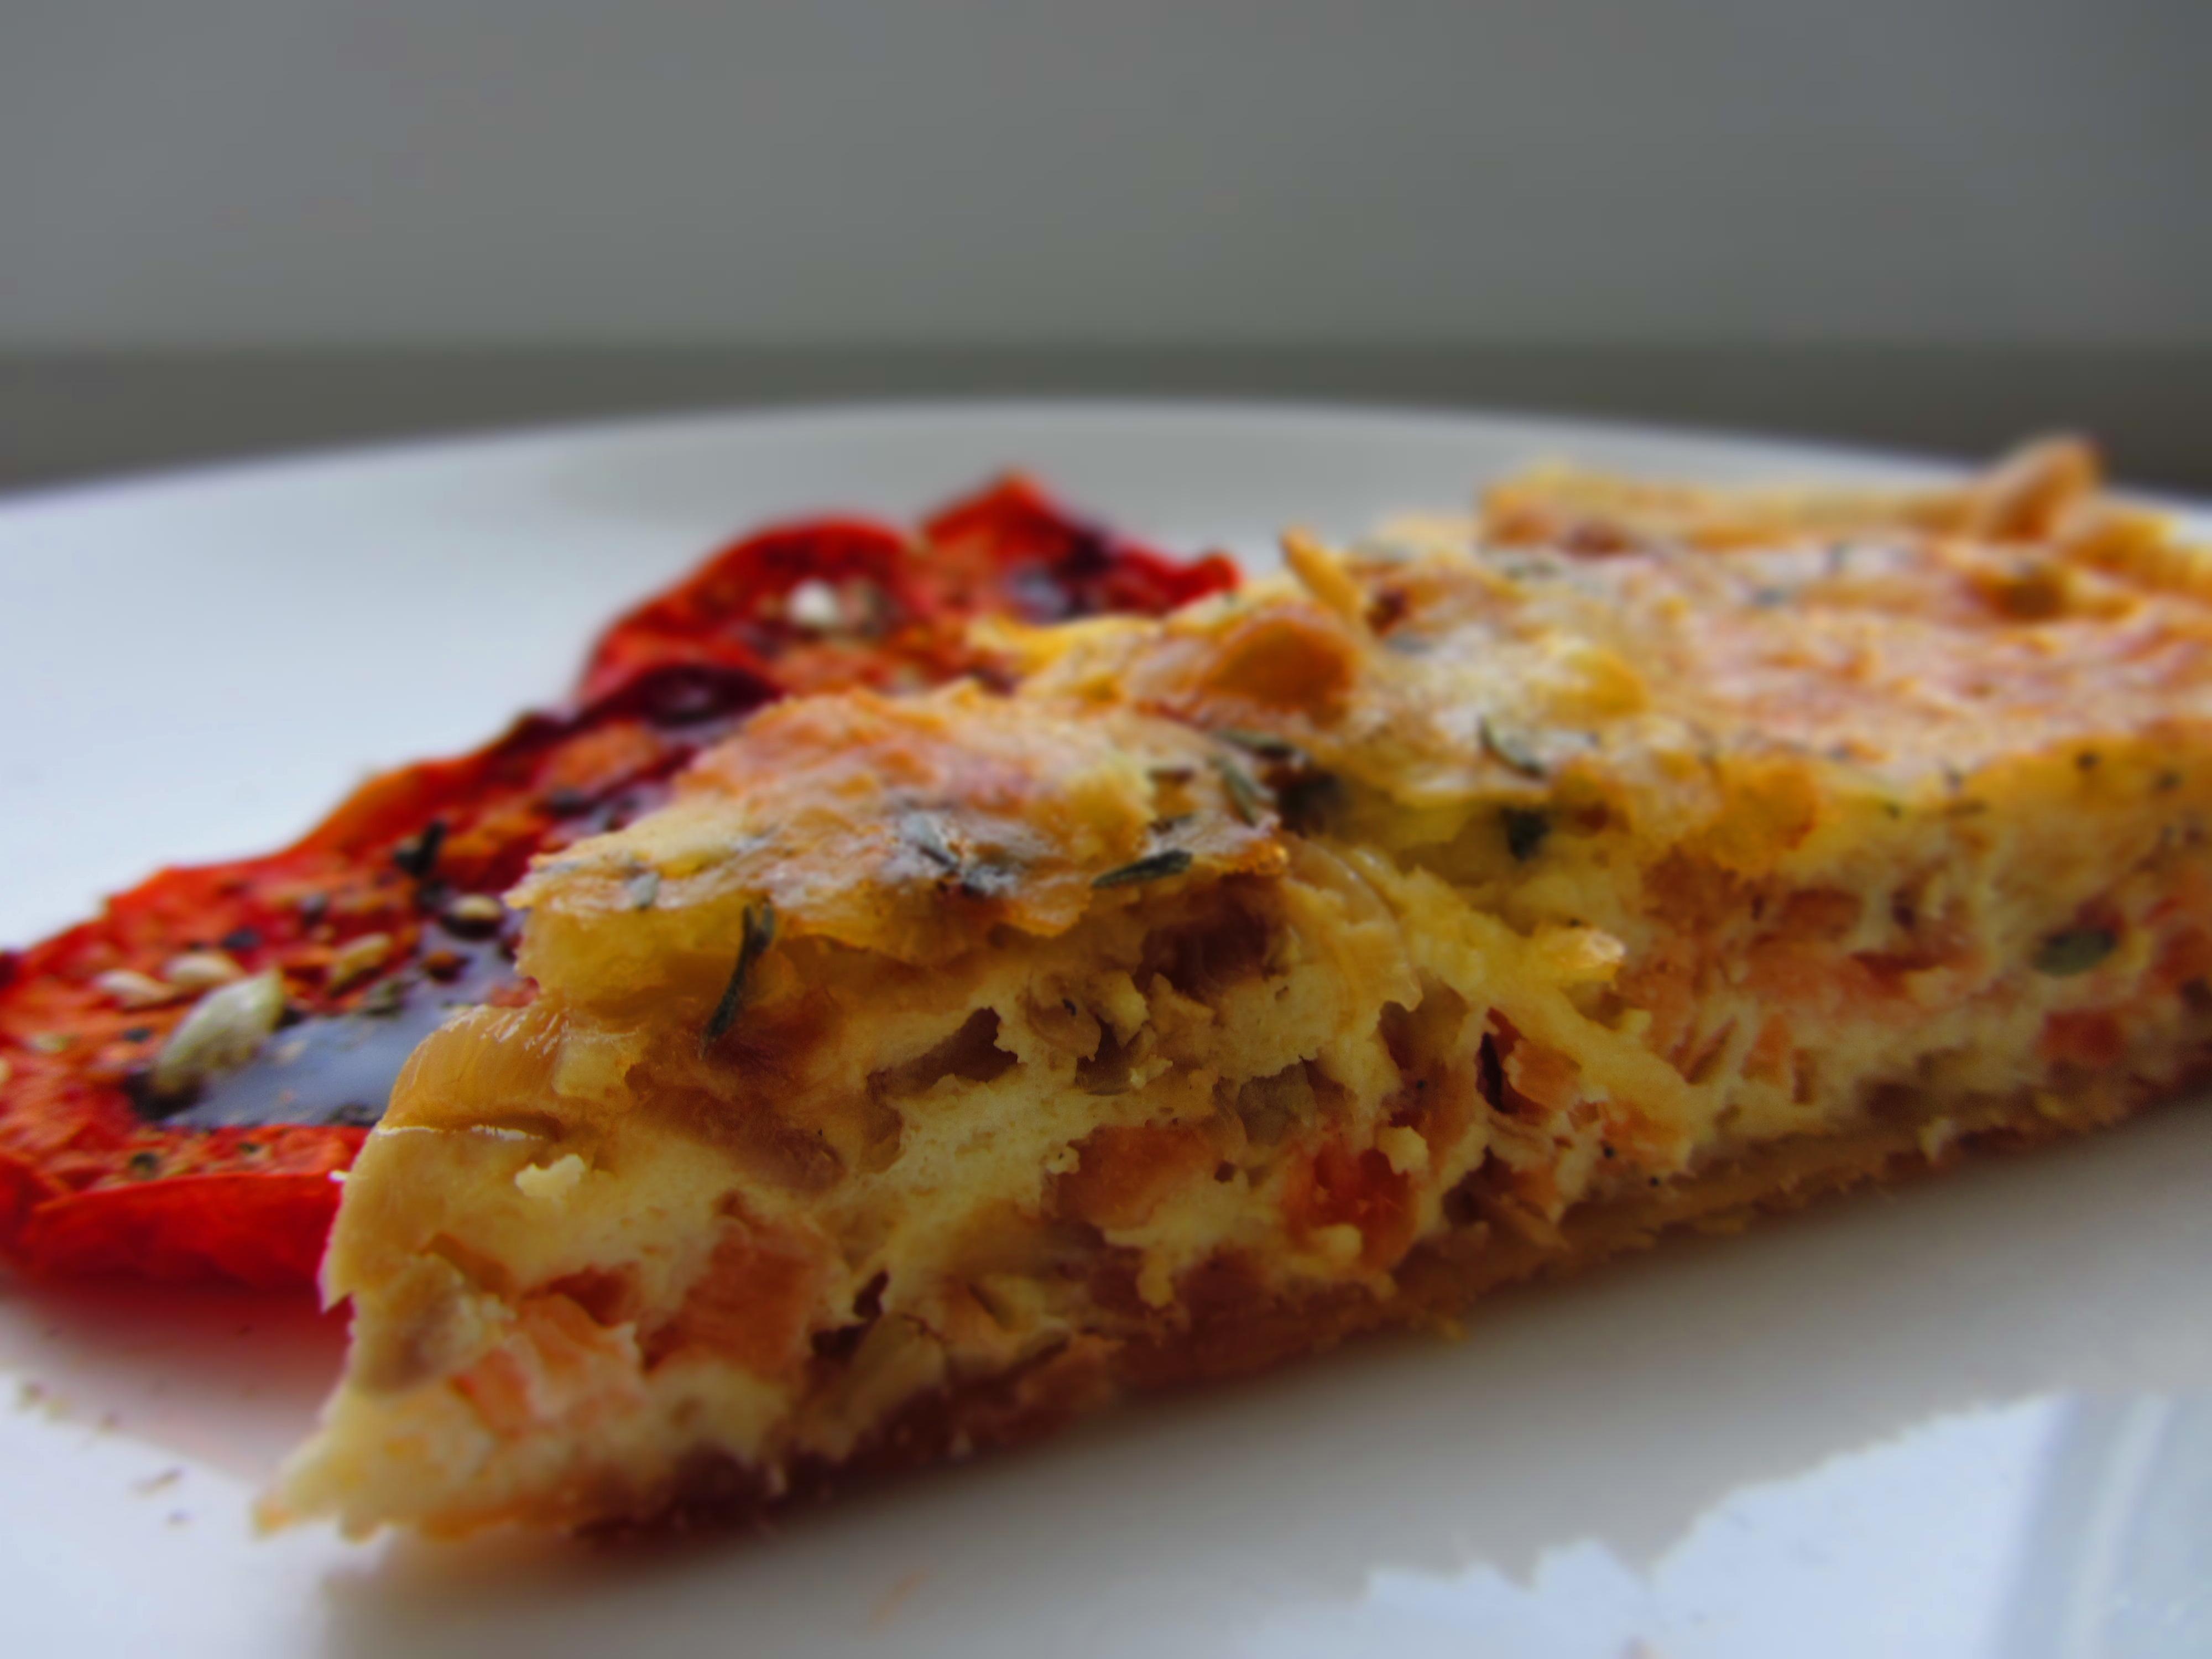 Sāļais pīrāgs (quiche, kišs) ar kūpinātu lasi, ceptiem sīpoliem un sieru